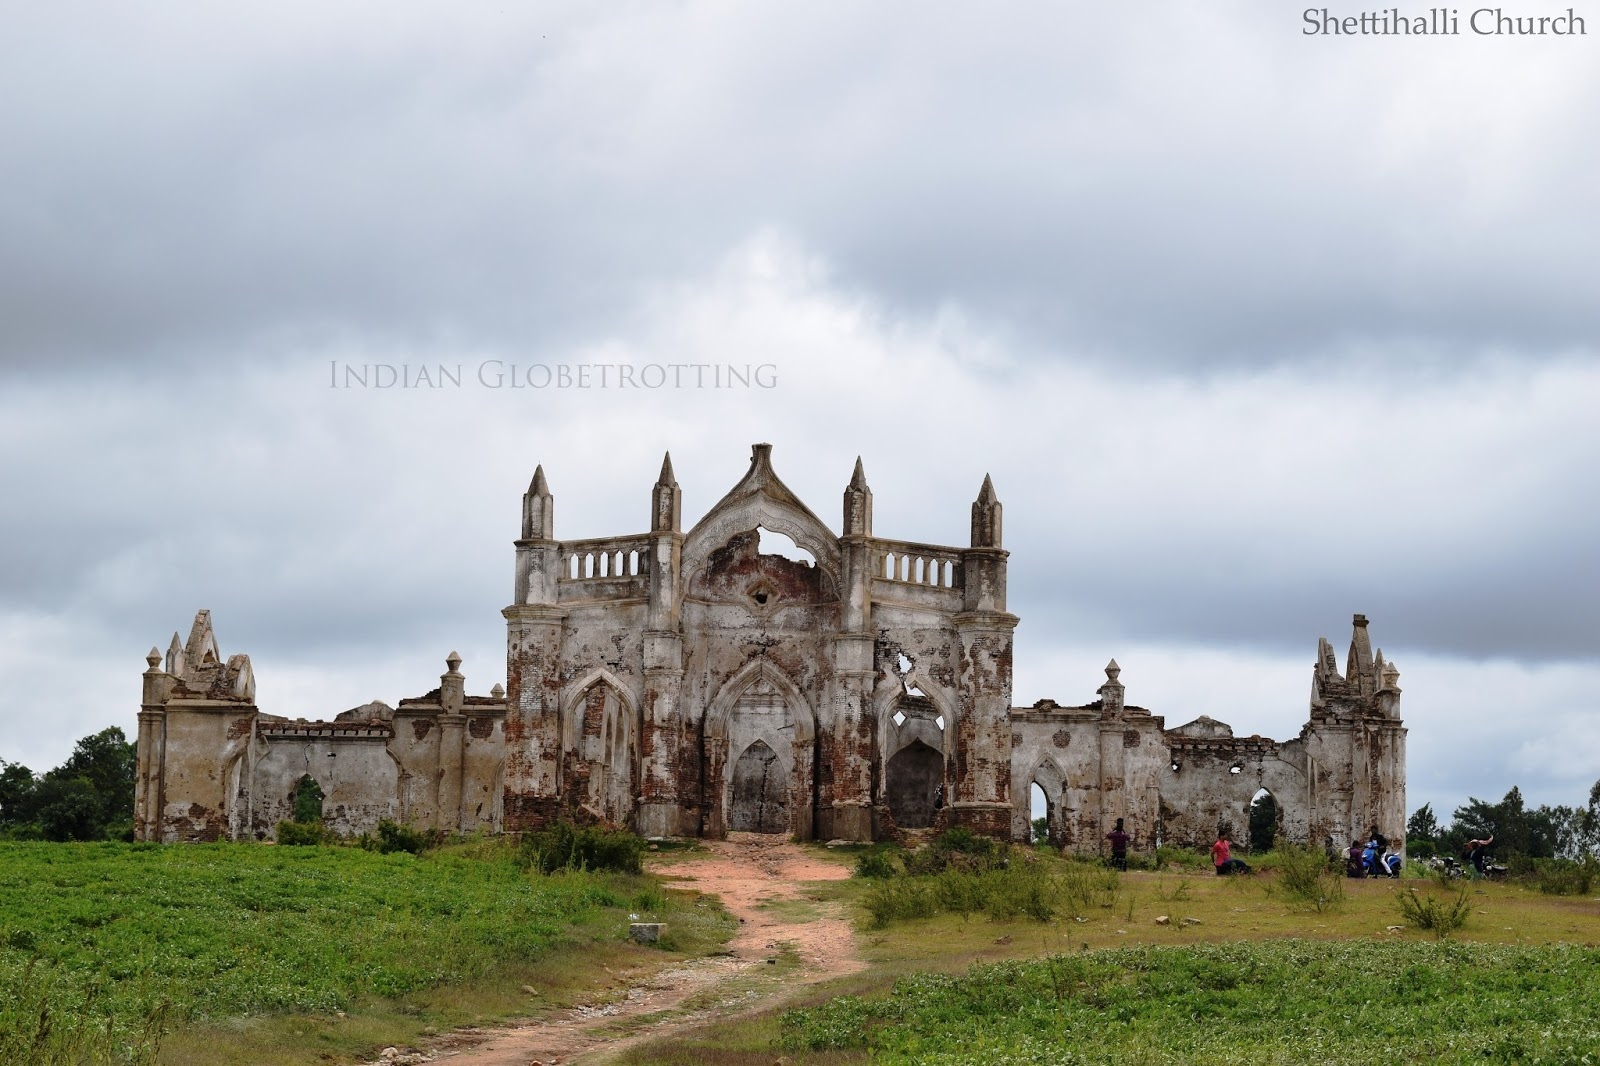 long view of shettihalli church from hemavathi reservoir